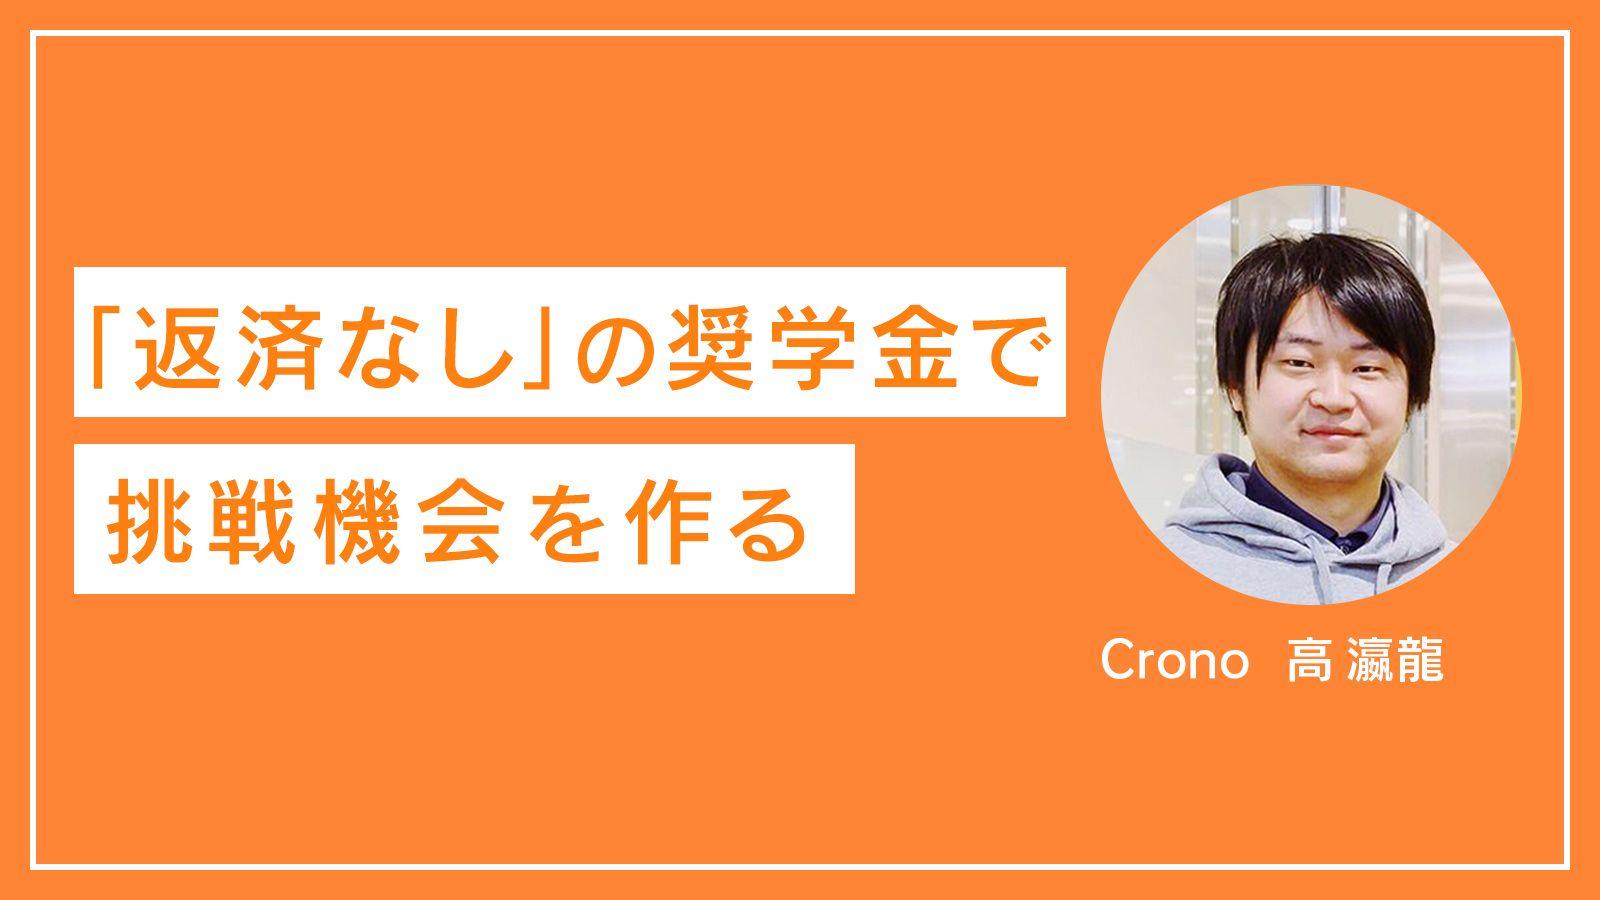 コロナで進路を閉ざされる若者を救え。日本初奨学金プラットフォーム『Crono My奨学金』の取り組み